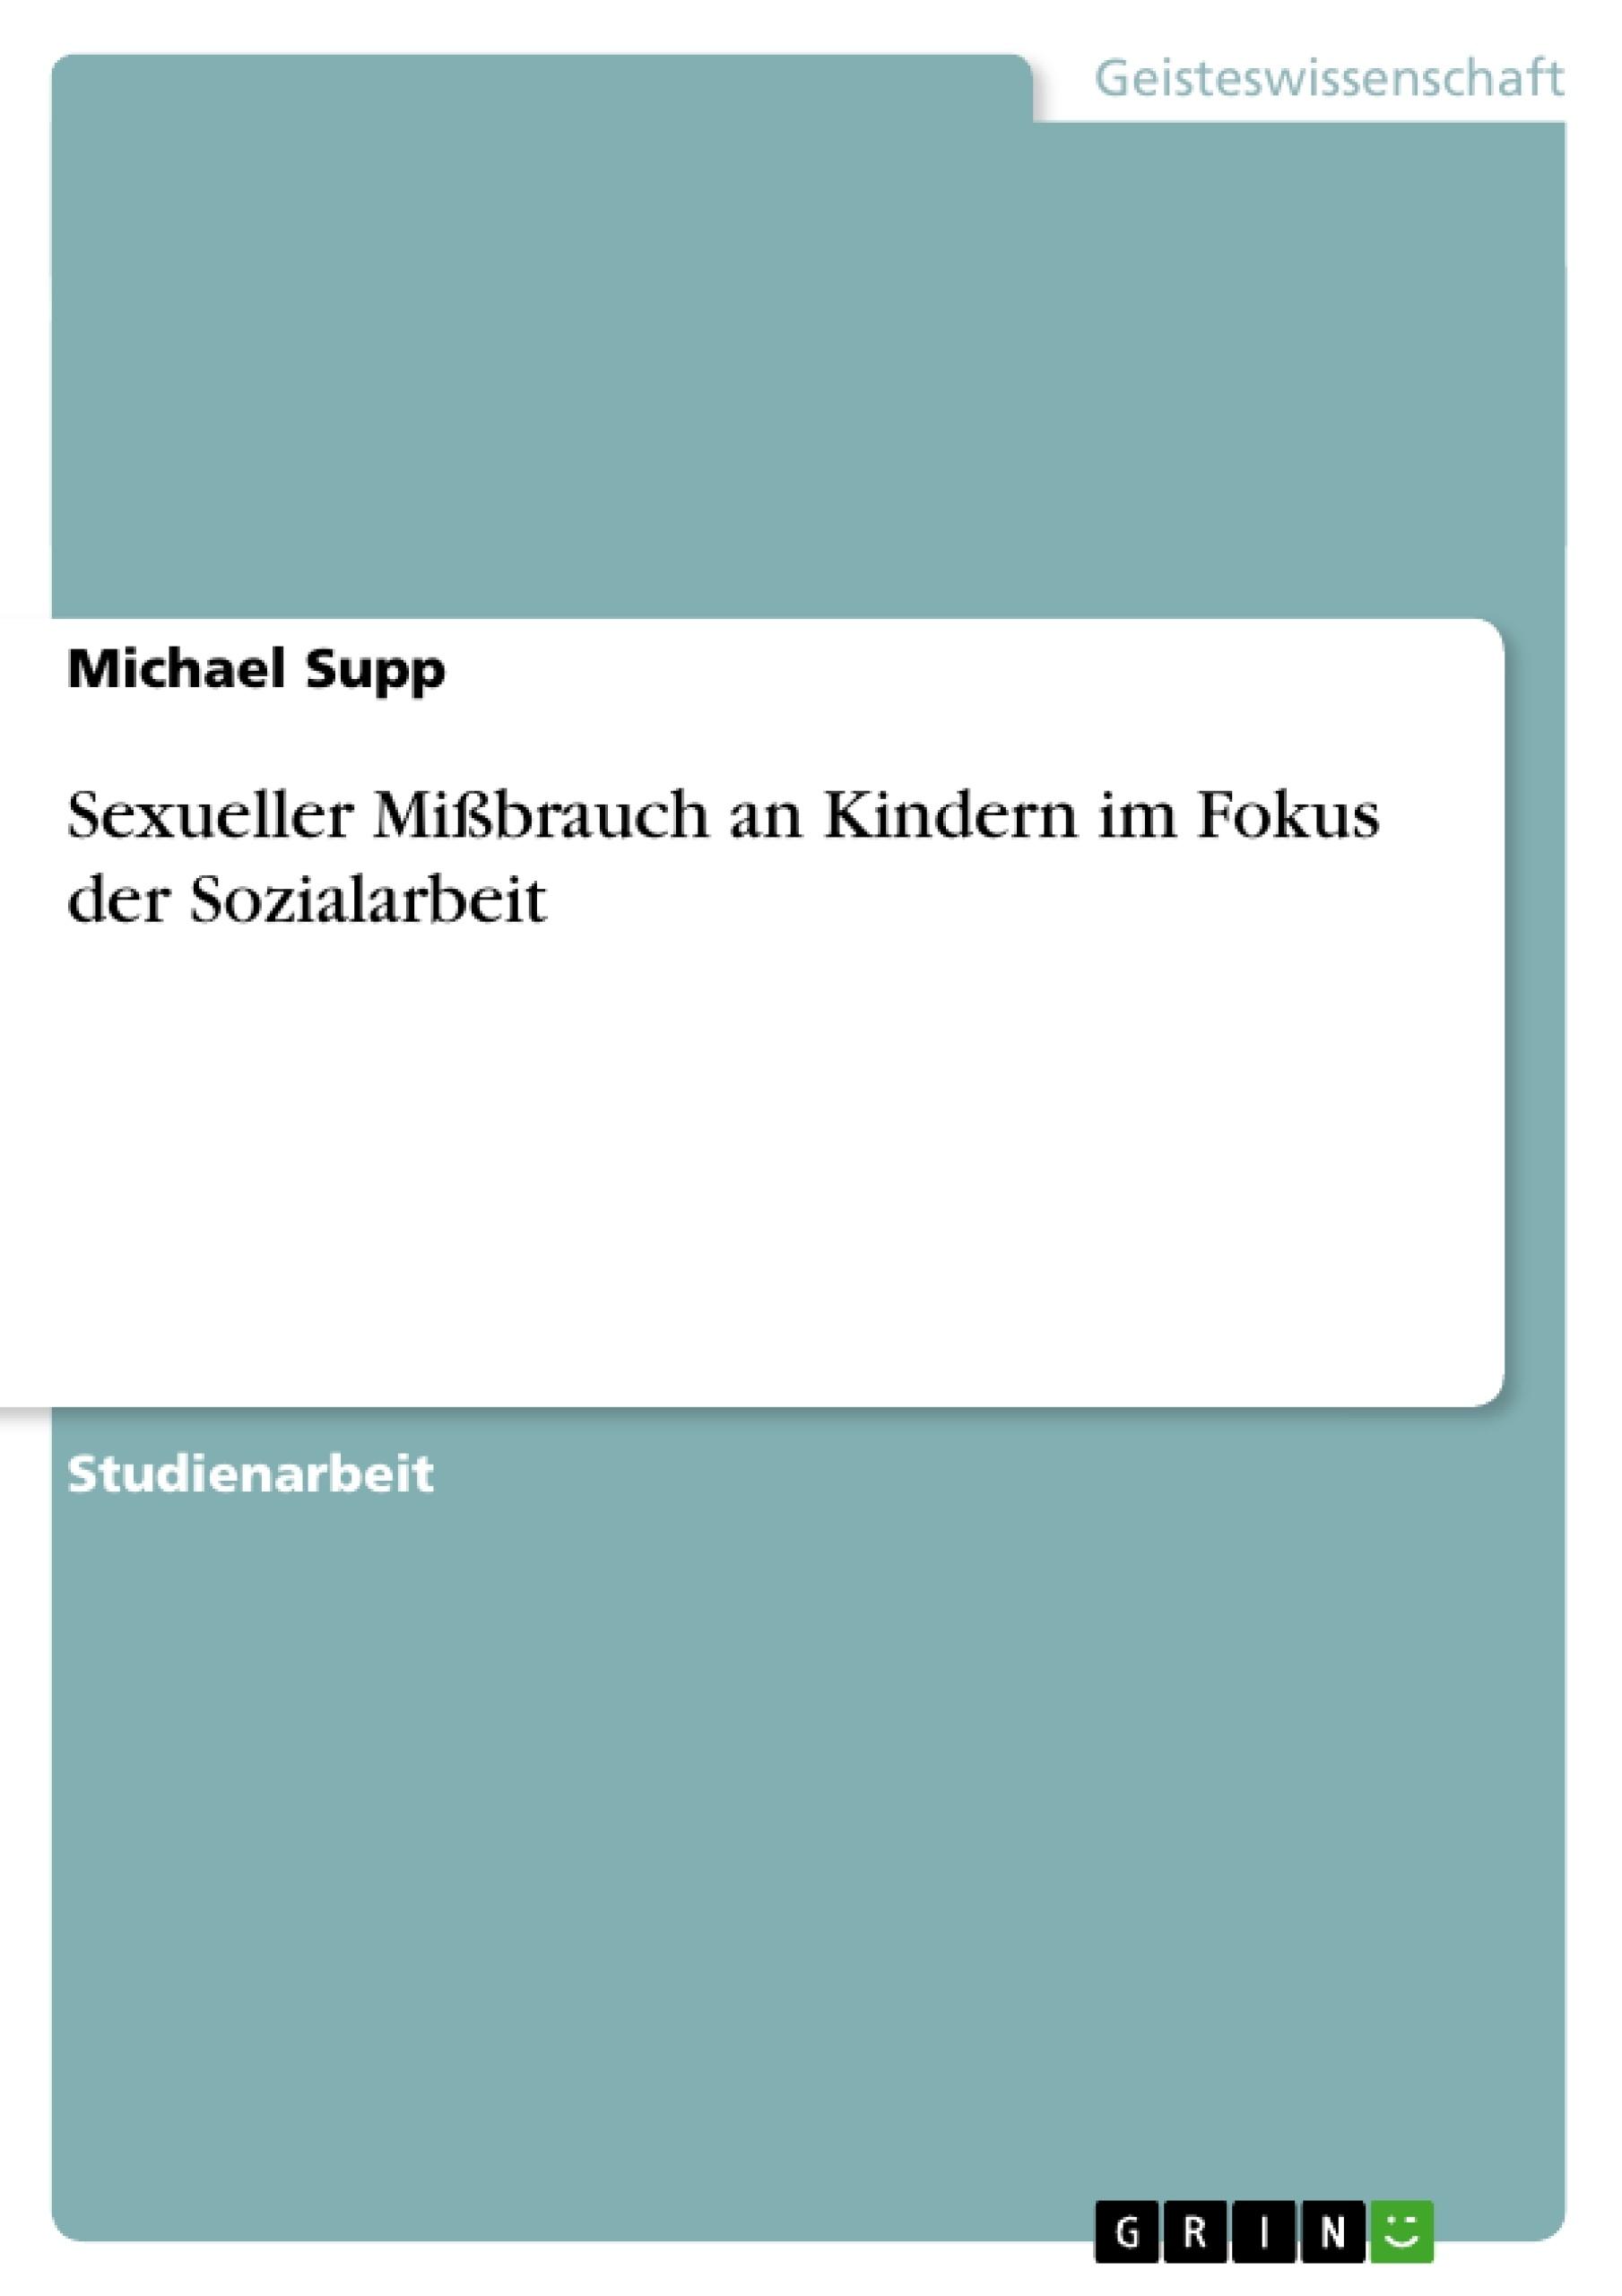 Titel: Sexueller Mißbrauch an Kindern im Fokus der Sozialarbeit